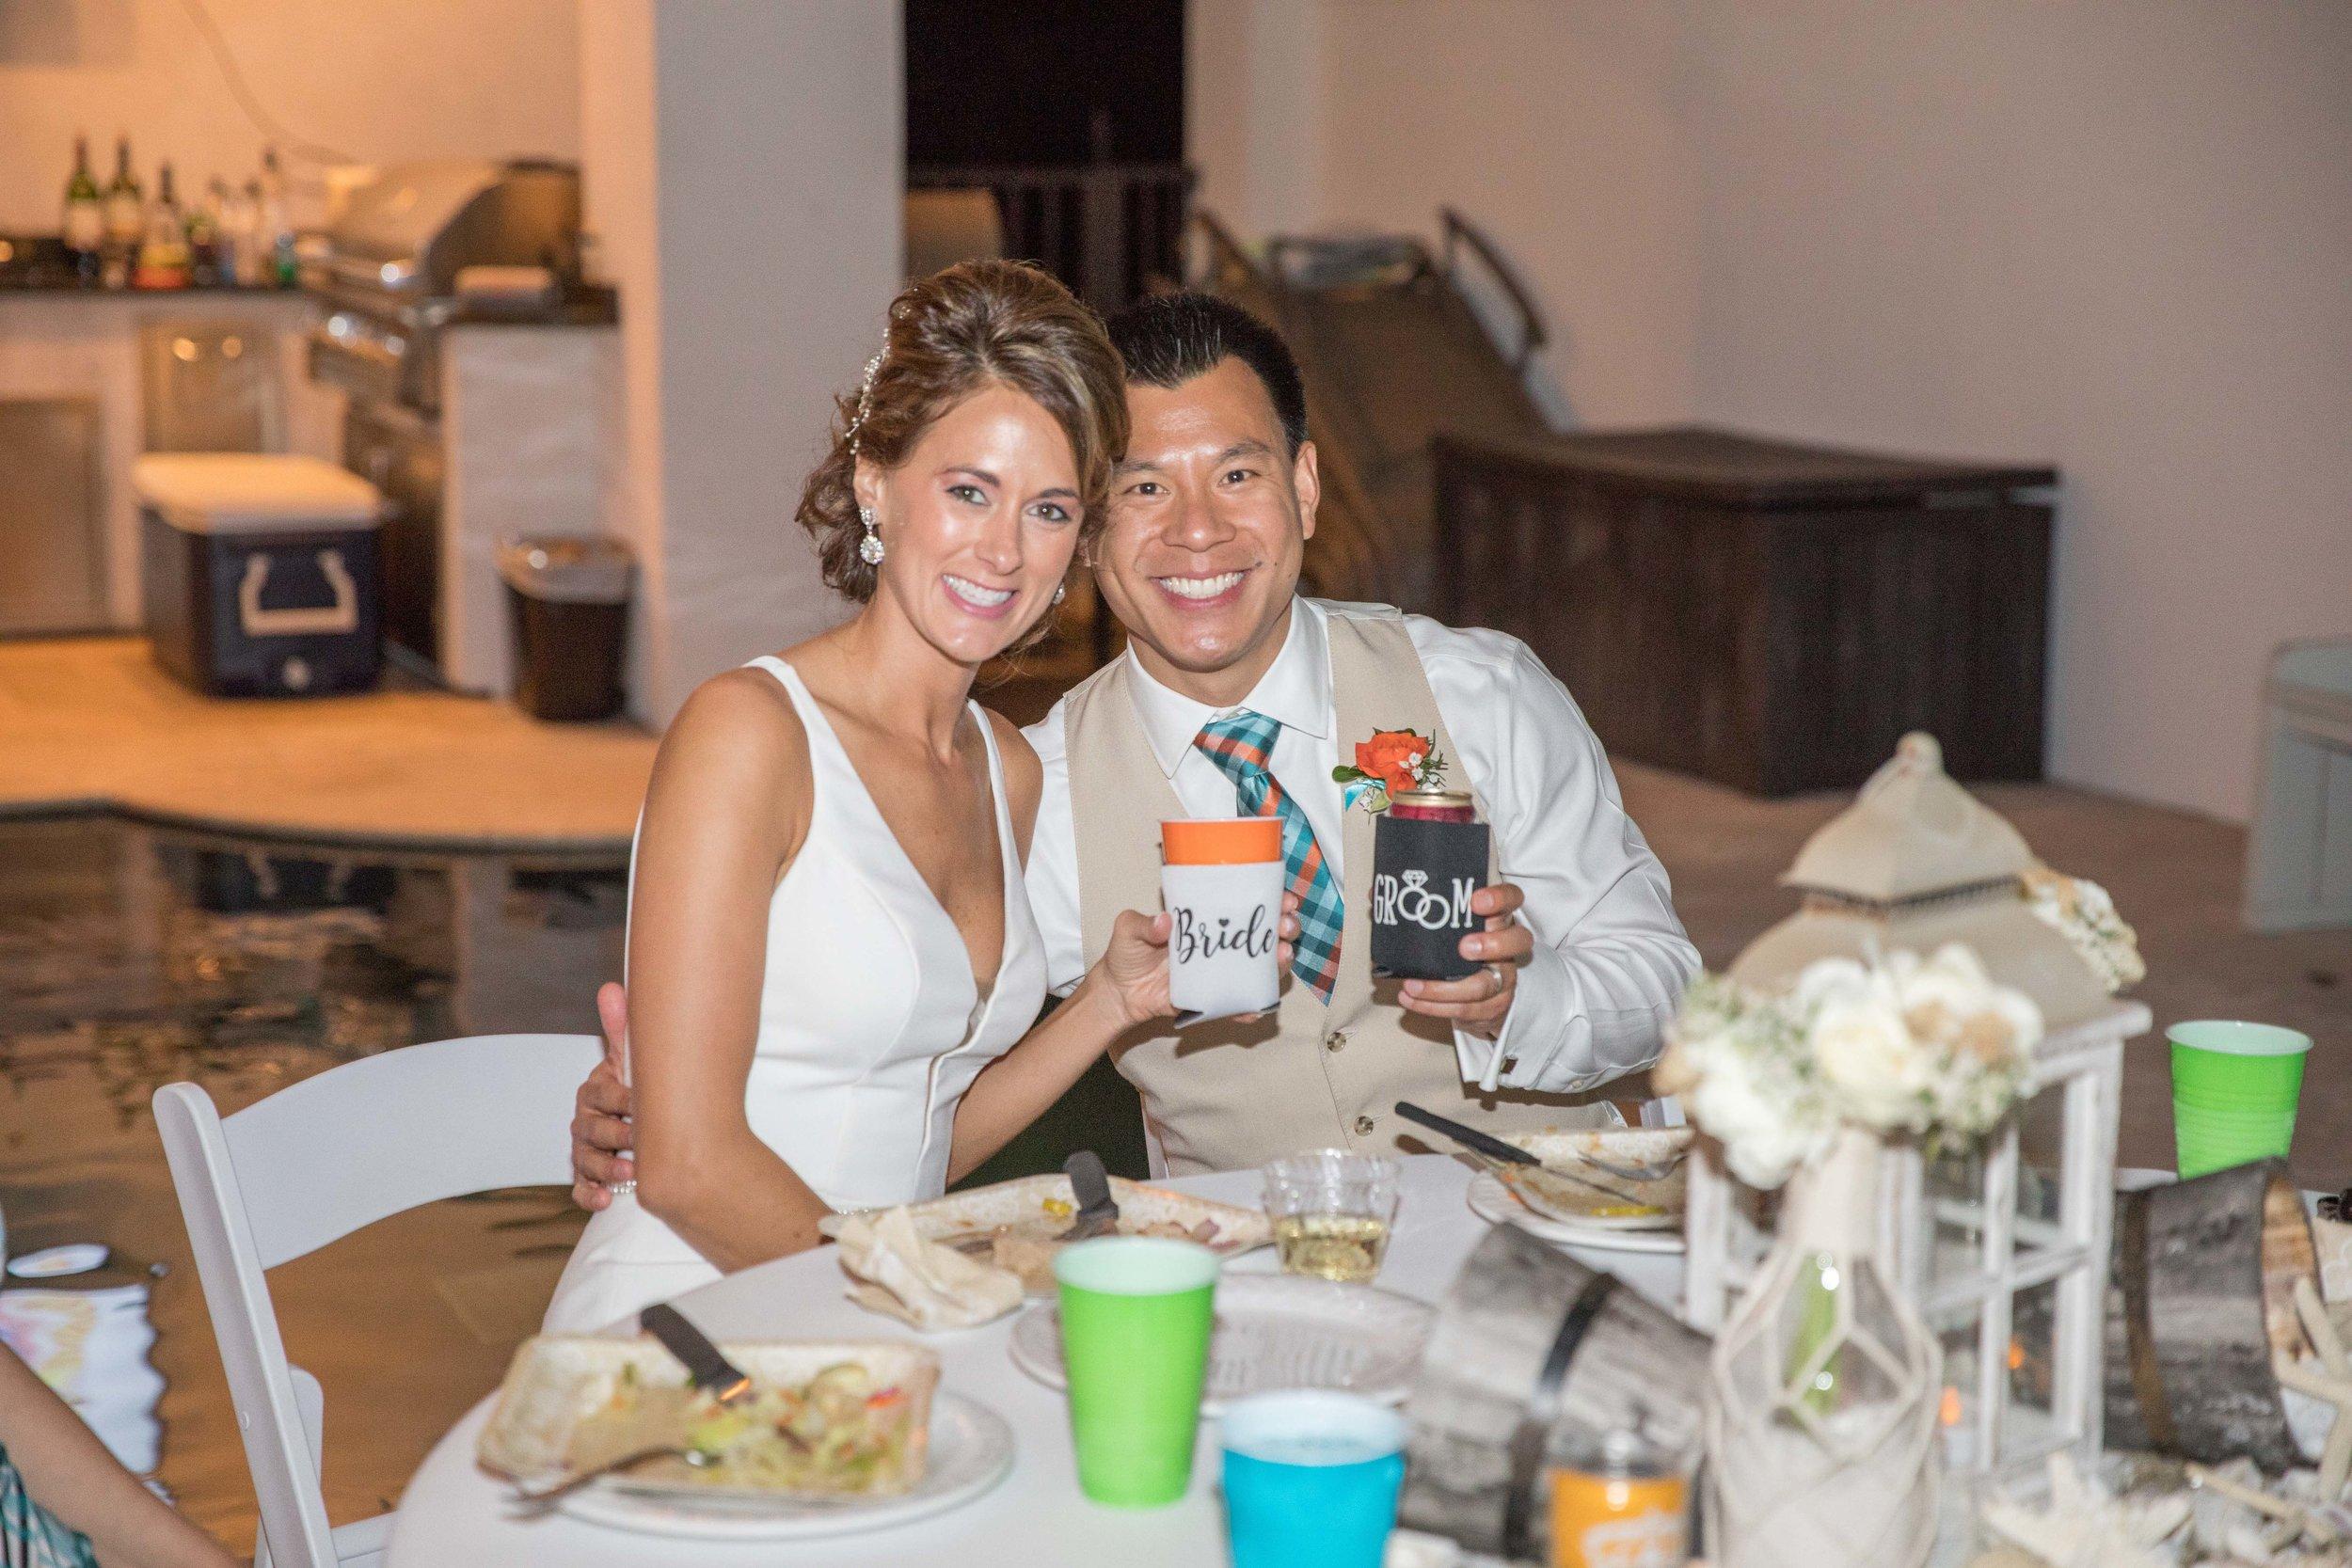 destin beach wedding package picture15_ (3).jpg